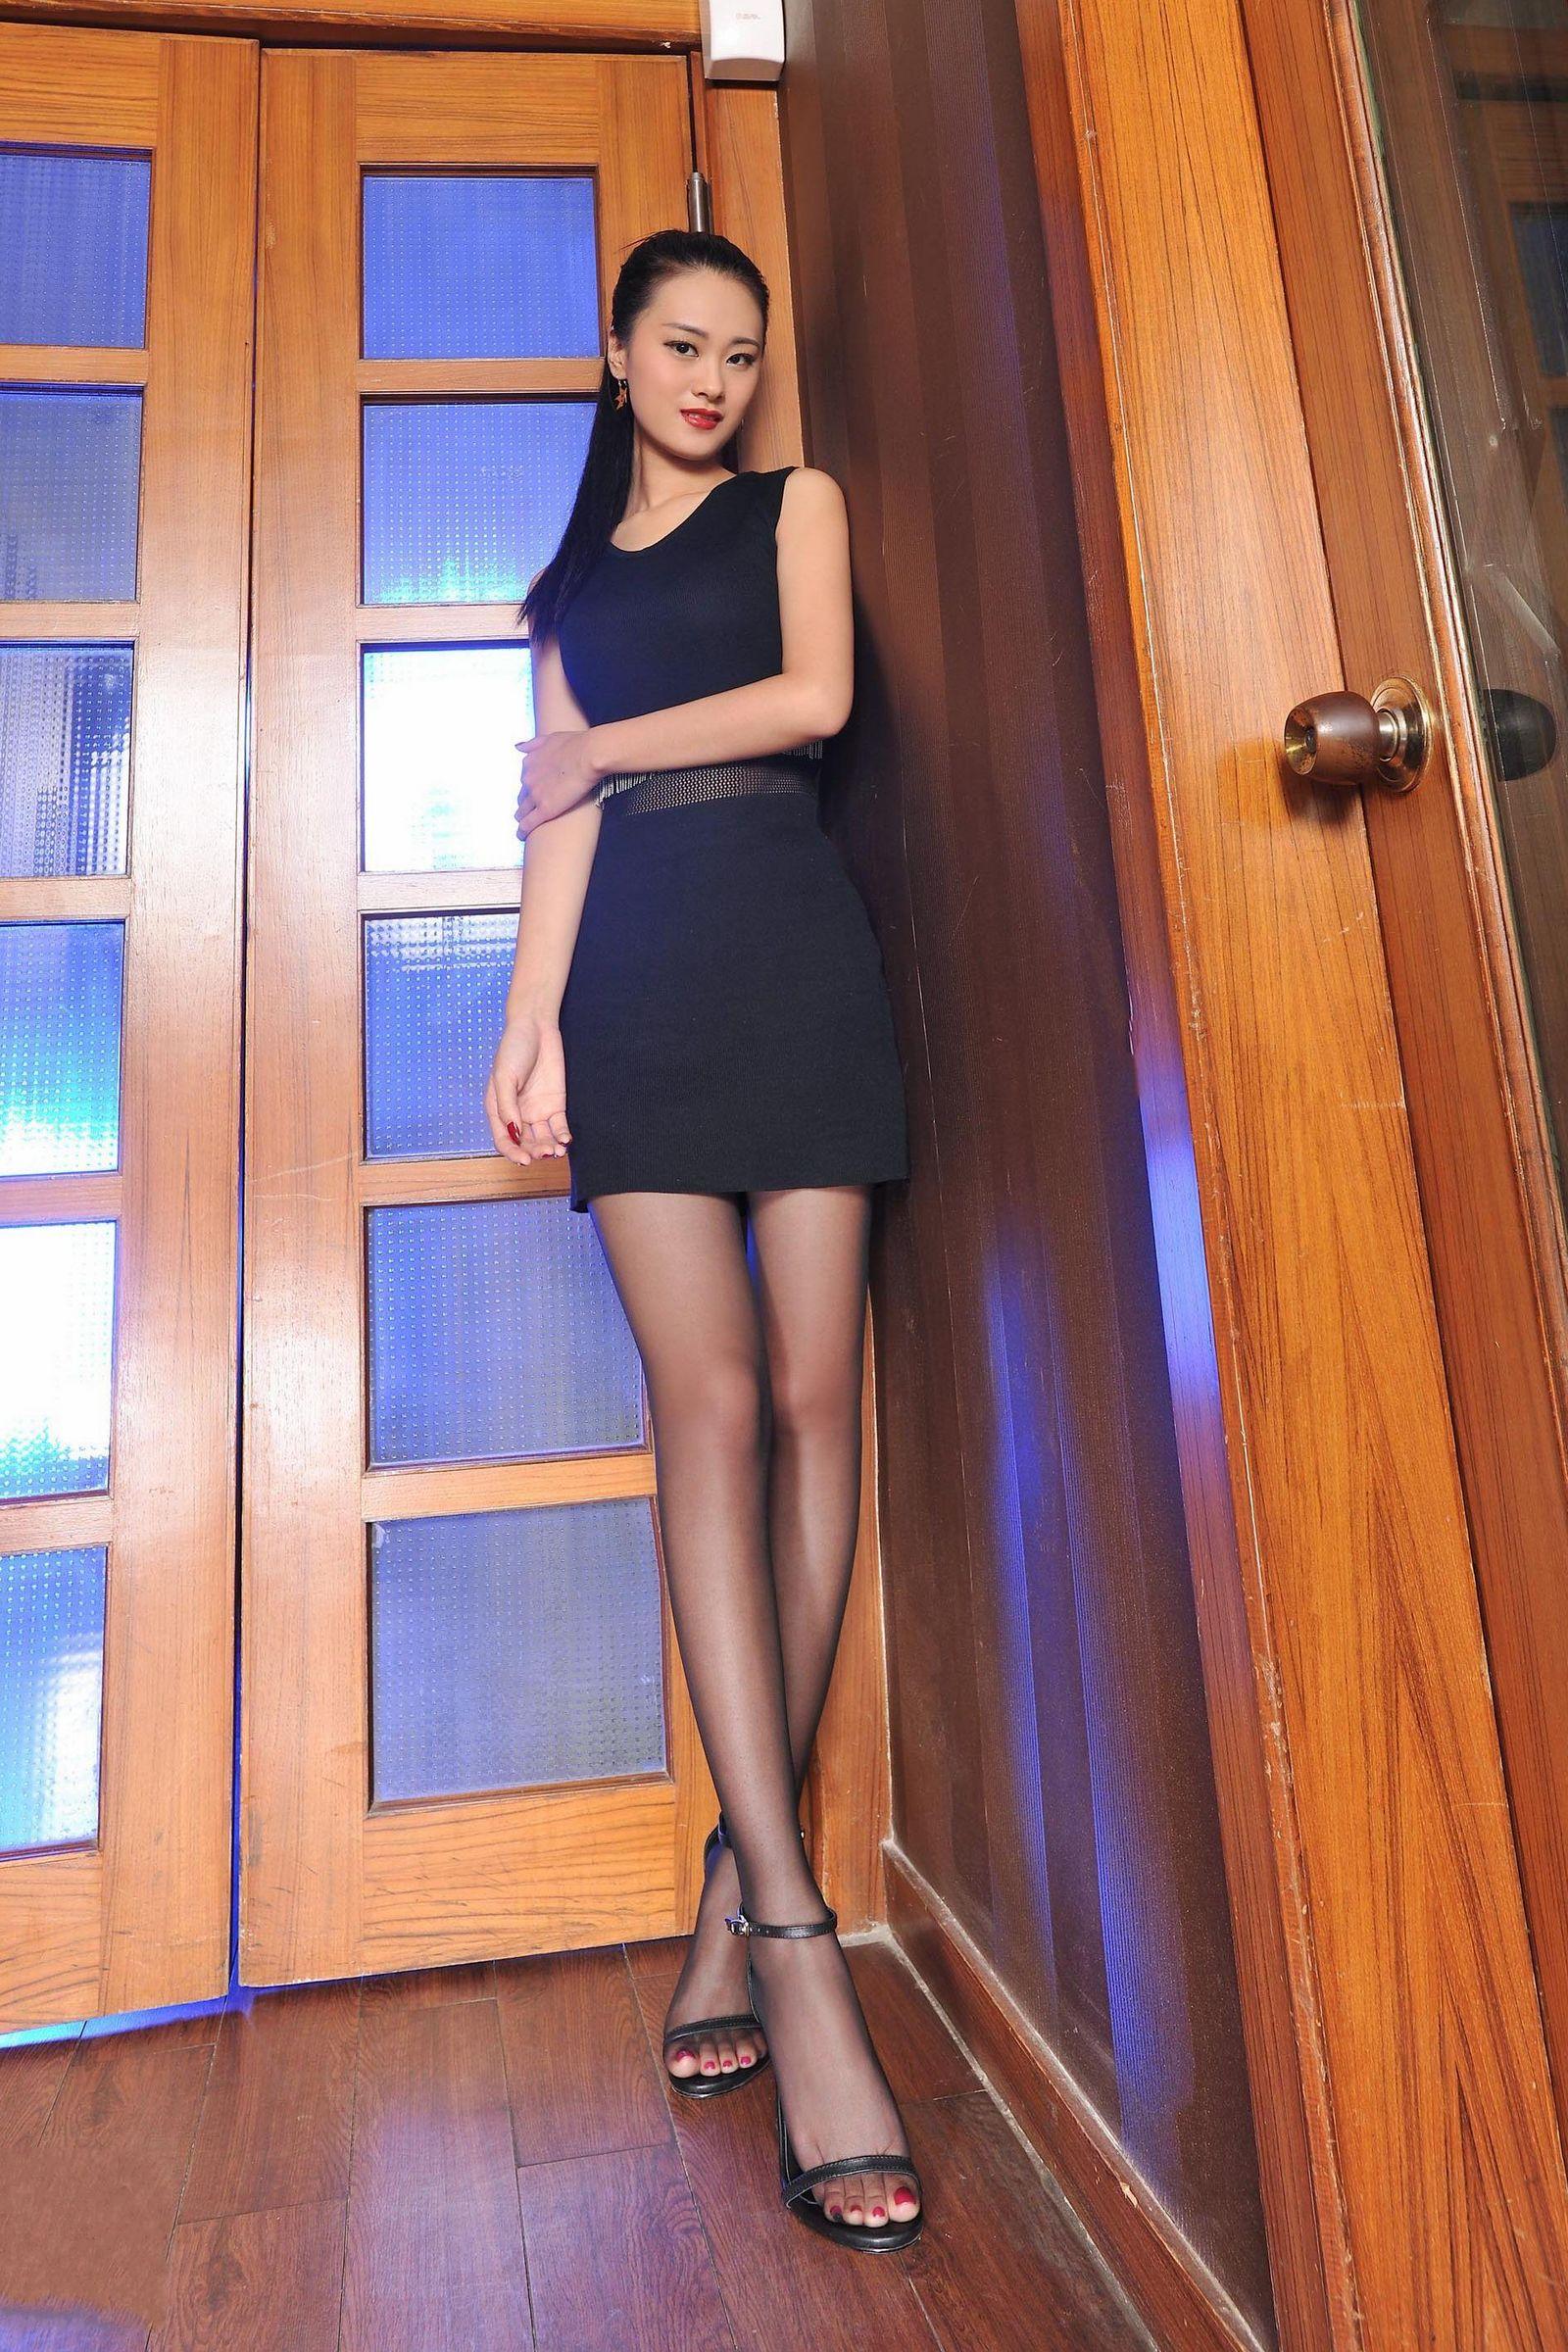 黑丝美女——Wendy [45P] - 热鸟论坛